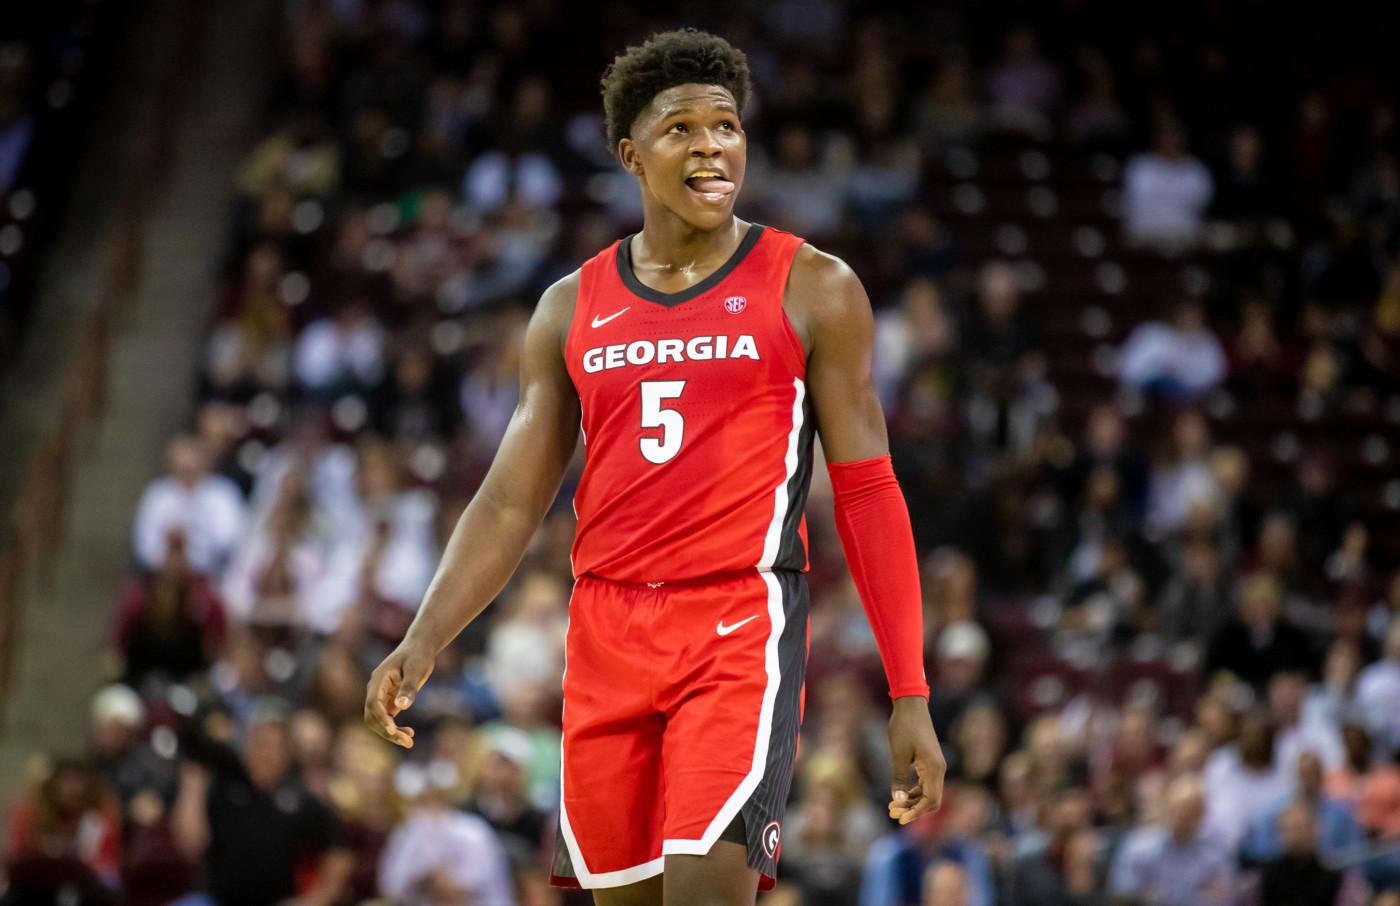 Anthony Edwards Georgia South Carolina 2020